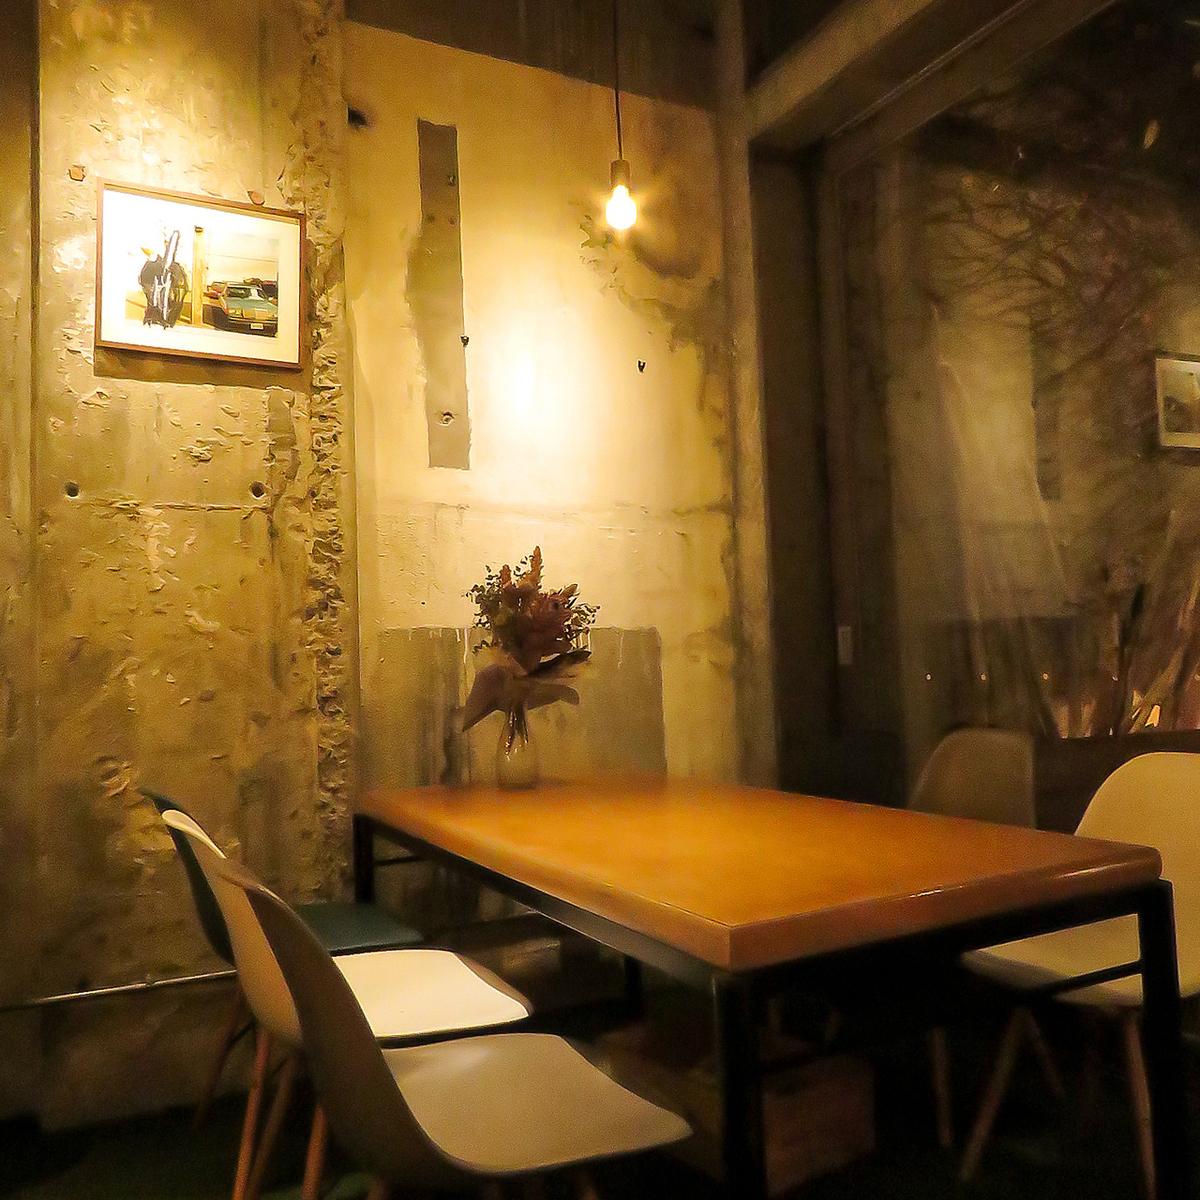 享受菜餚,與時尚的桌椅聊天,照亮溫暖的燈光♪